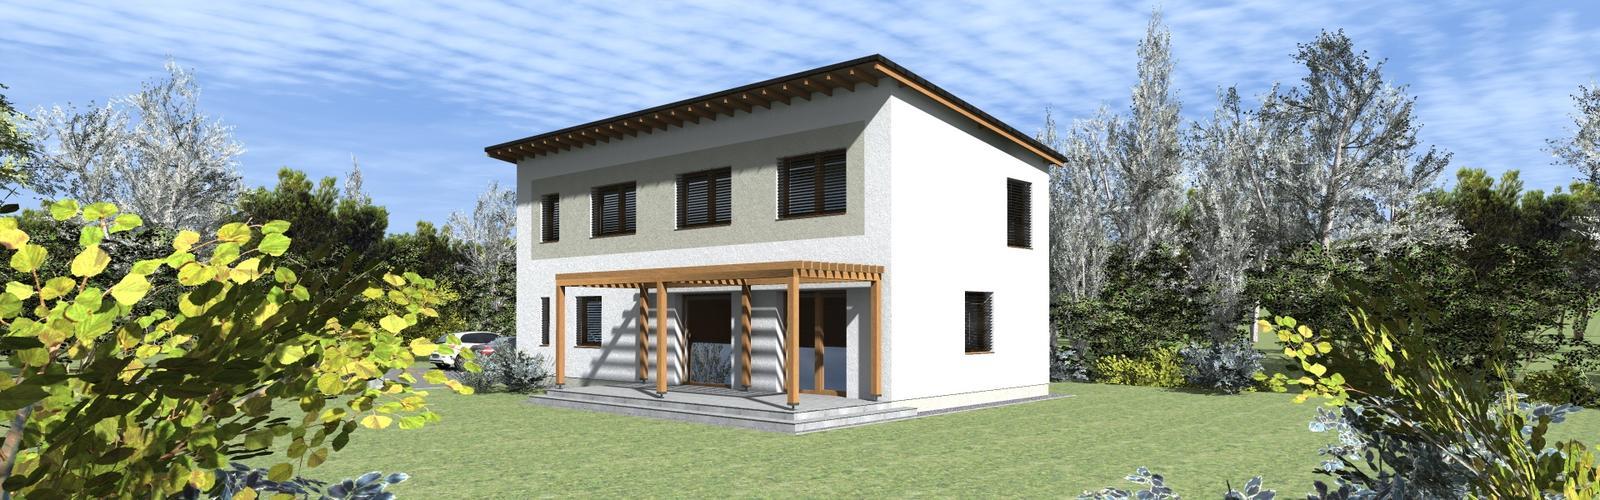 janvirostko - Energeticky pasívny dom v Kaplnej pre @au585